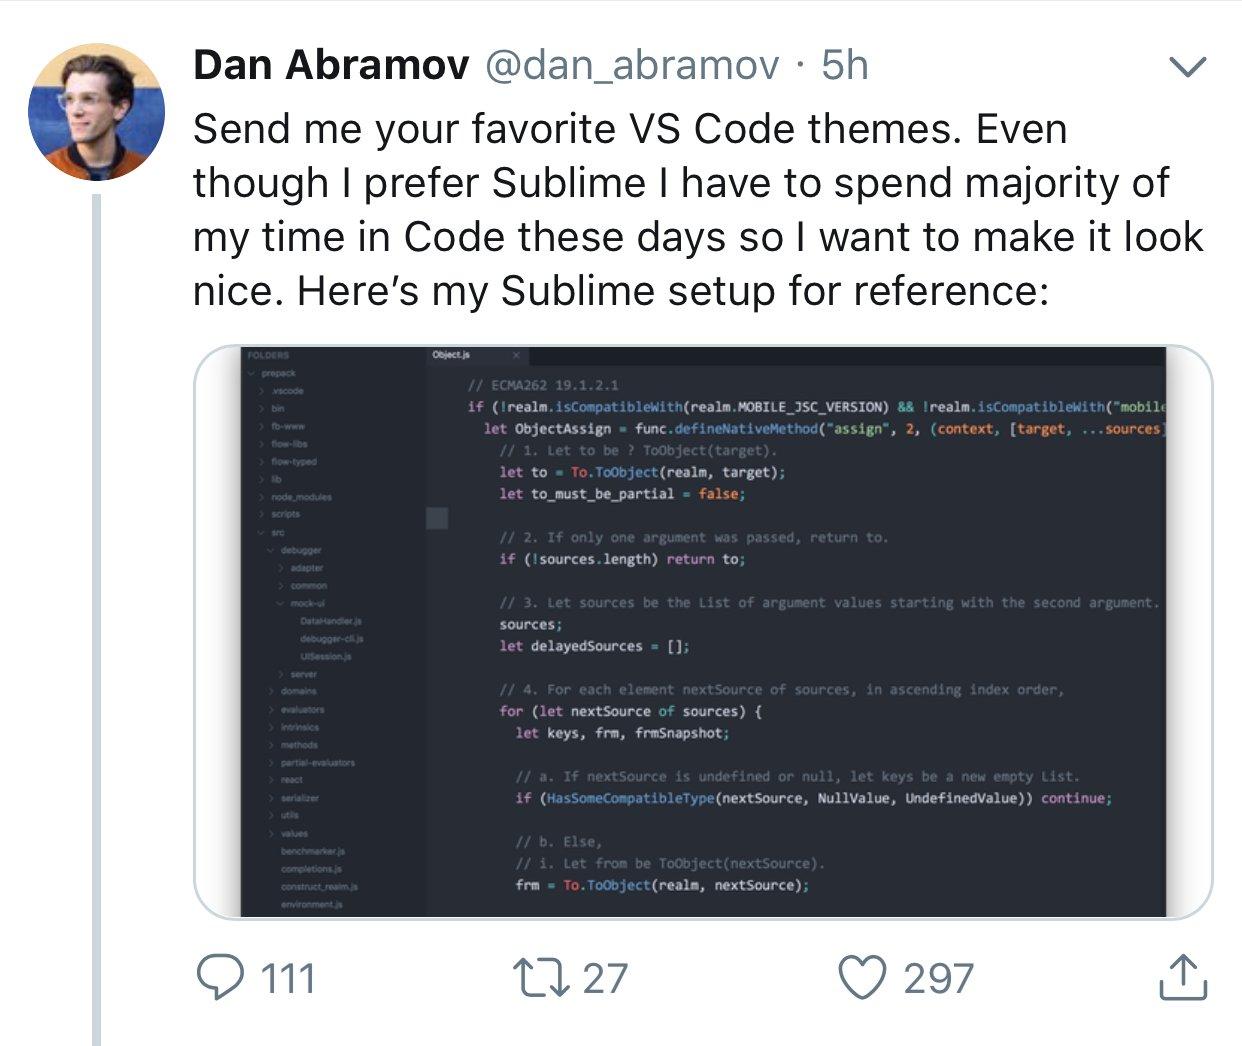 Dmitrii on Twitter: